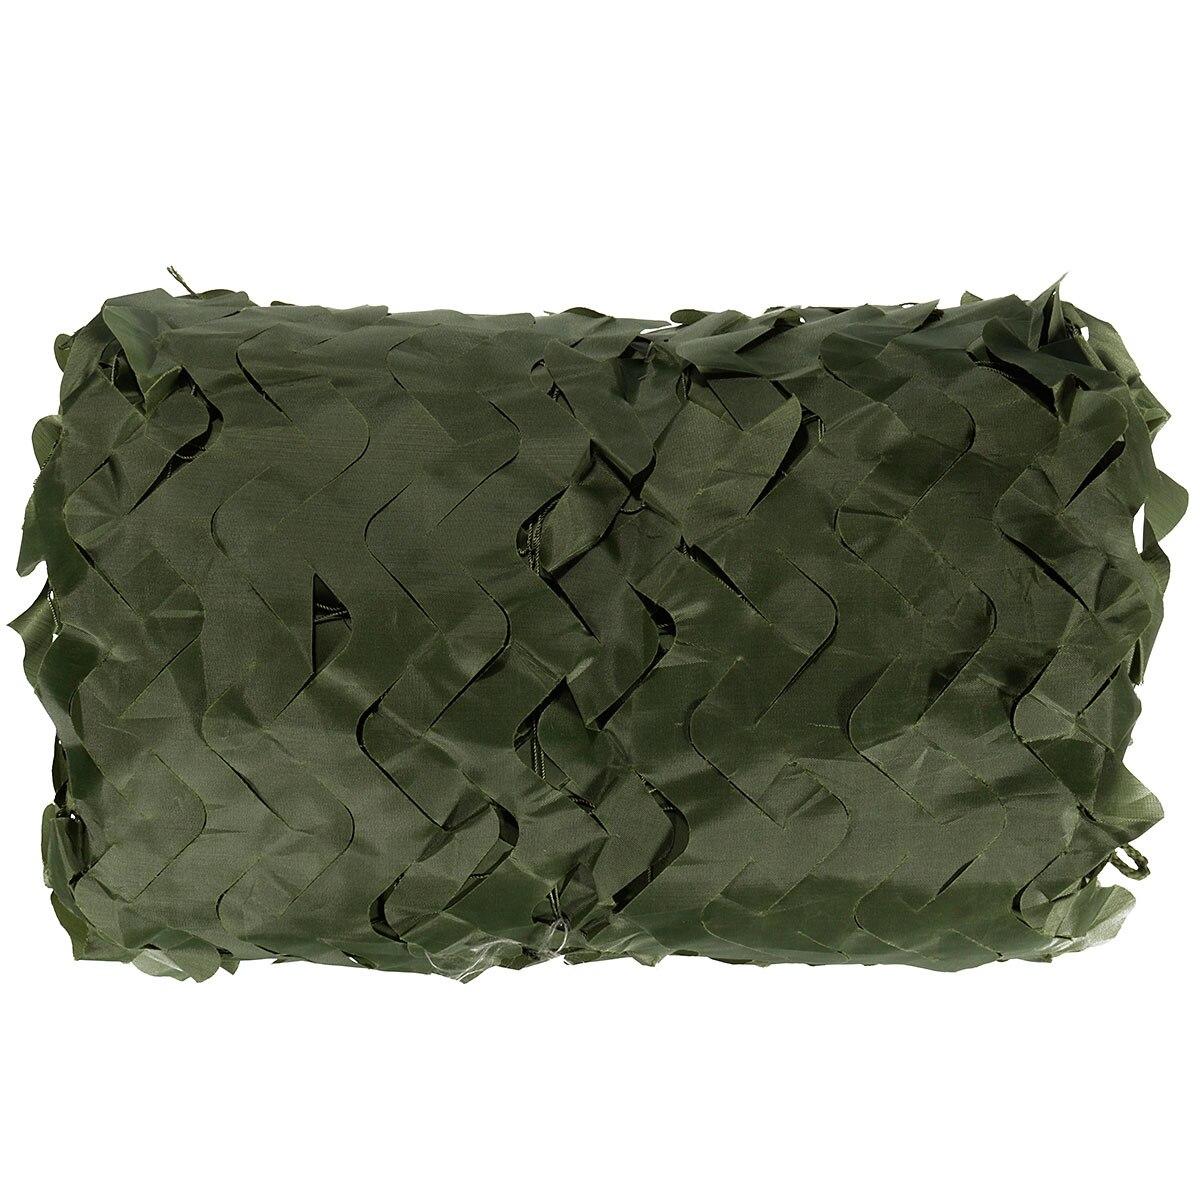 5 цветов Военная Униформа маскировочной 5x3 м Открытый камуфляж сетка для Охота покрытия Кемпинг Woodlands Листья Скрыть Солнечные укрытия автом...